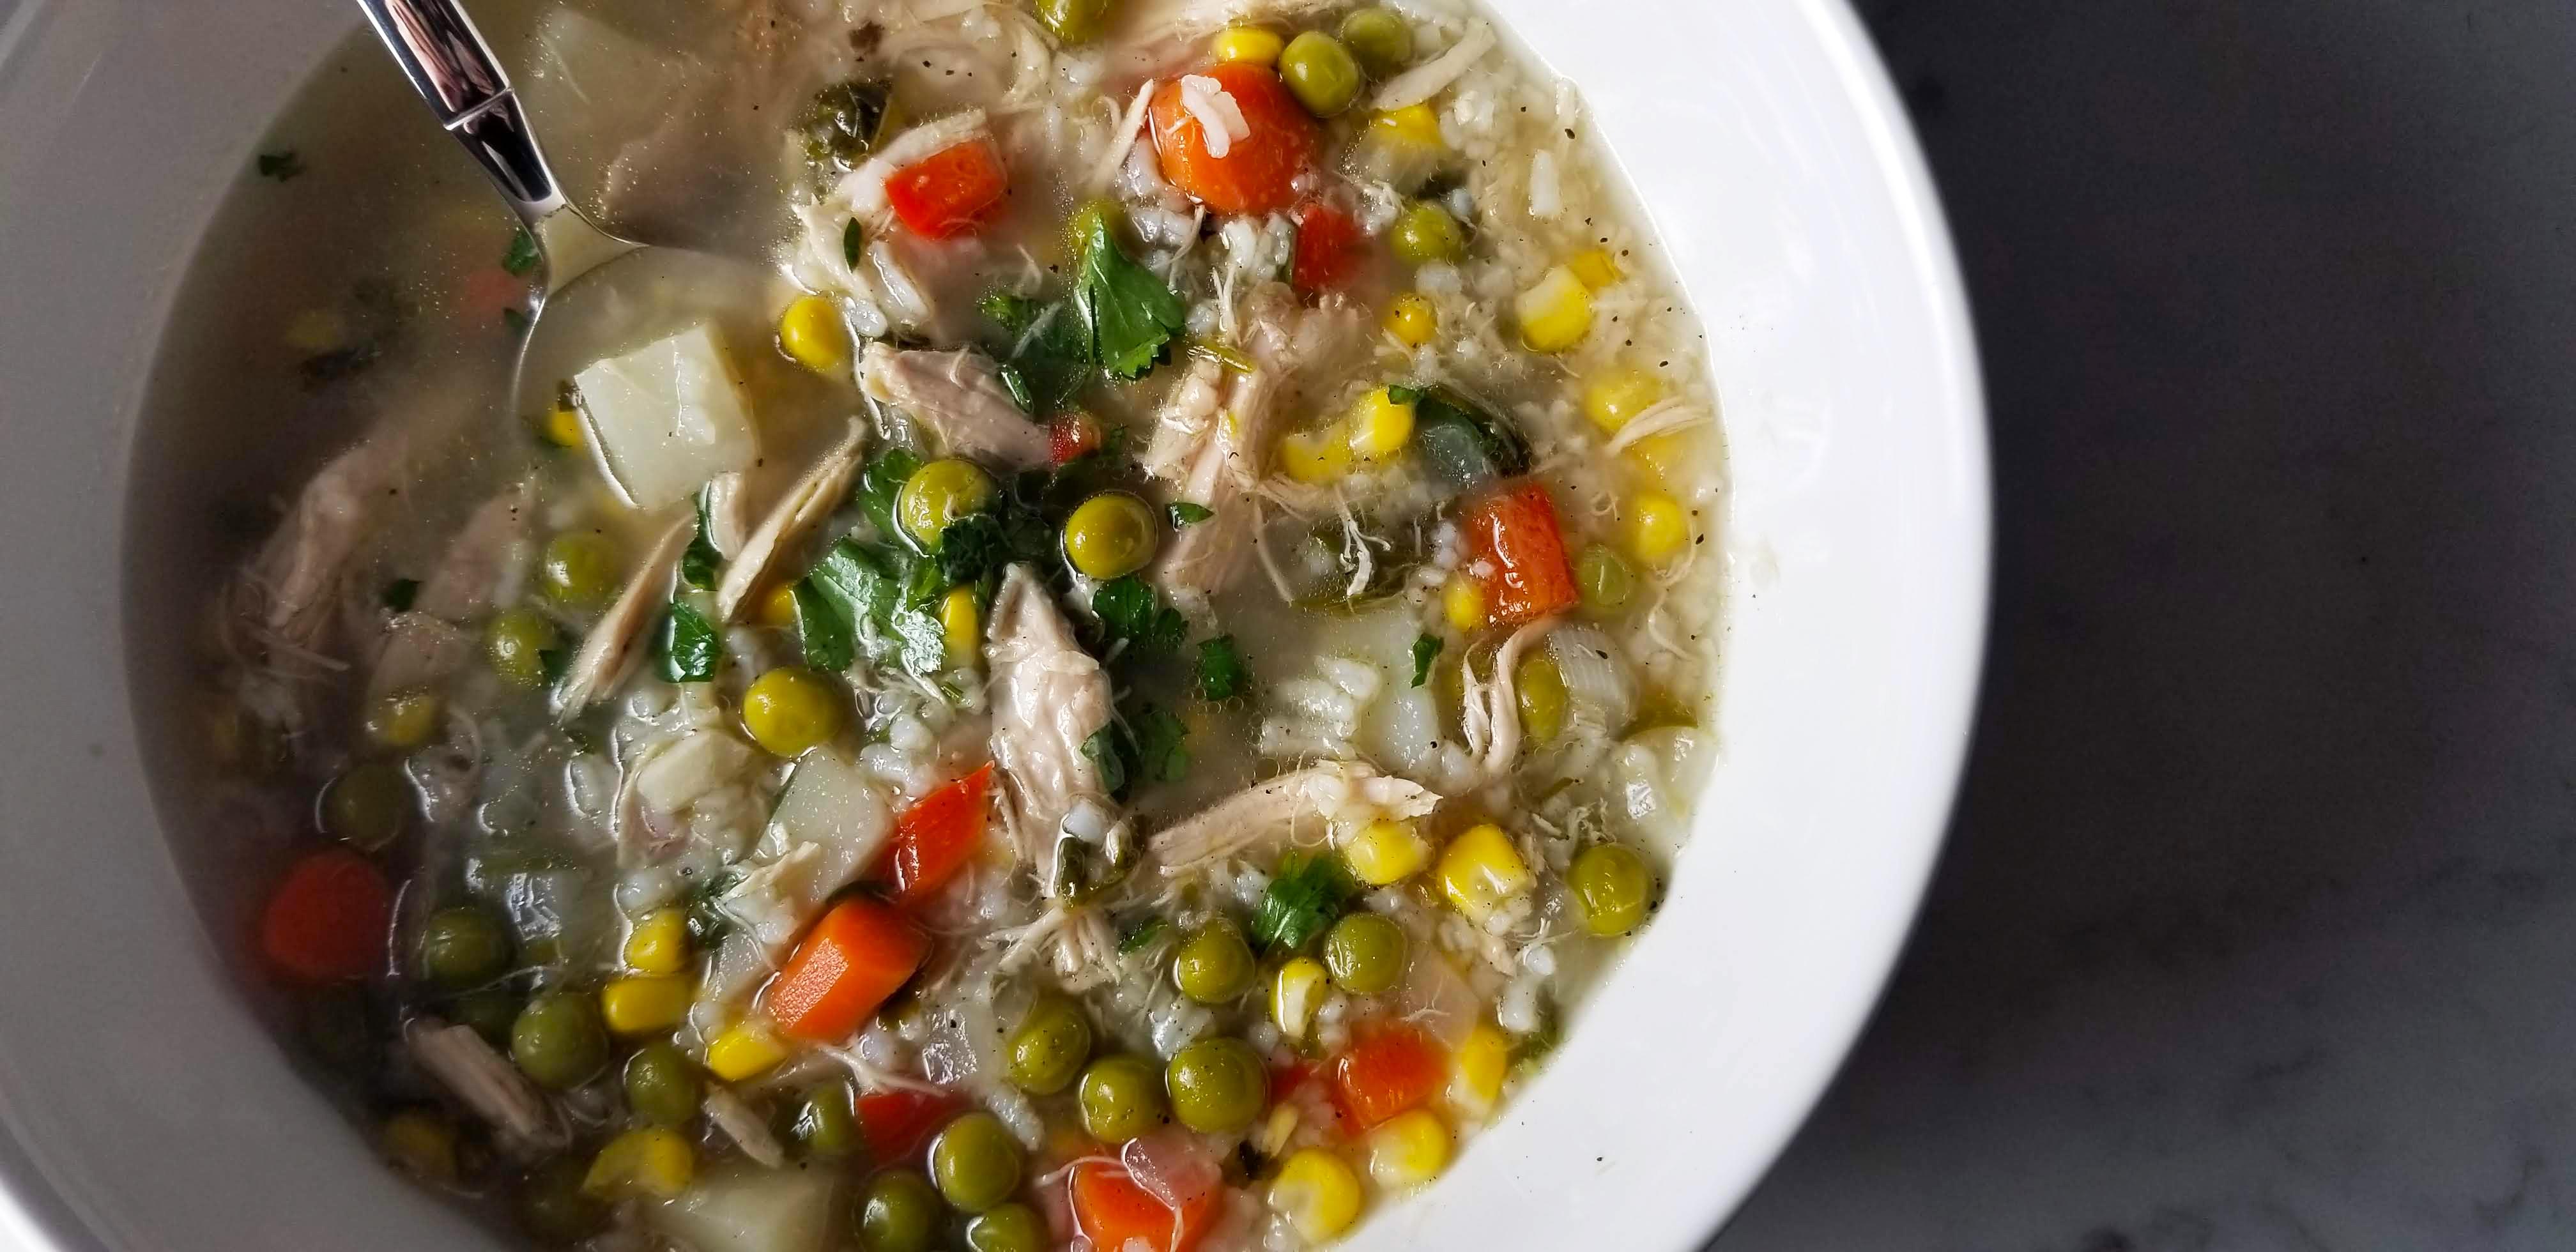 aguadito de pollo – peruvian chicken stew